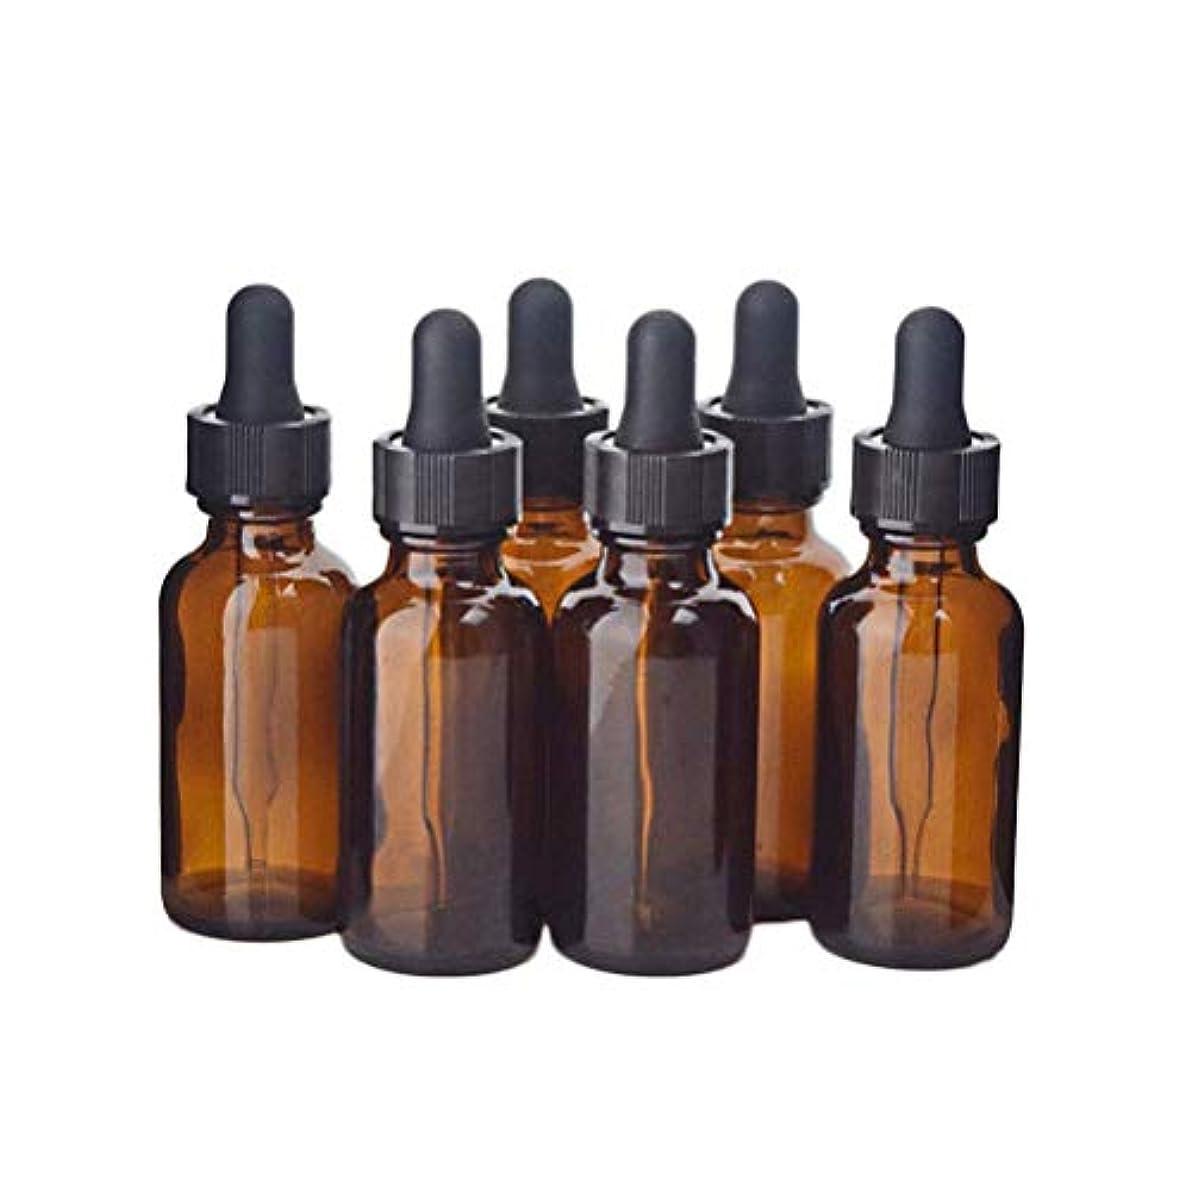 検出器みすぼらしい連隊遮光瓶 アロマオイル 精油 香水やアロマの保存 小分け用 遮光瓶 30ml 12本セット茶色